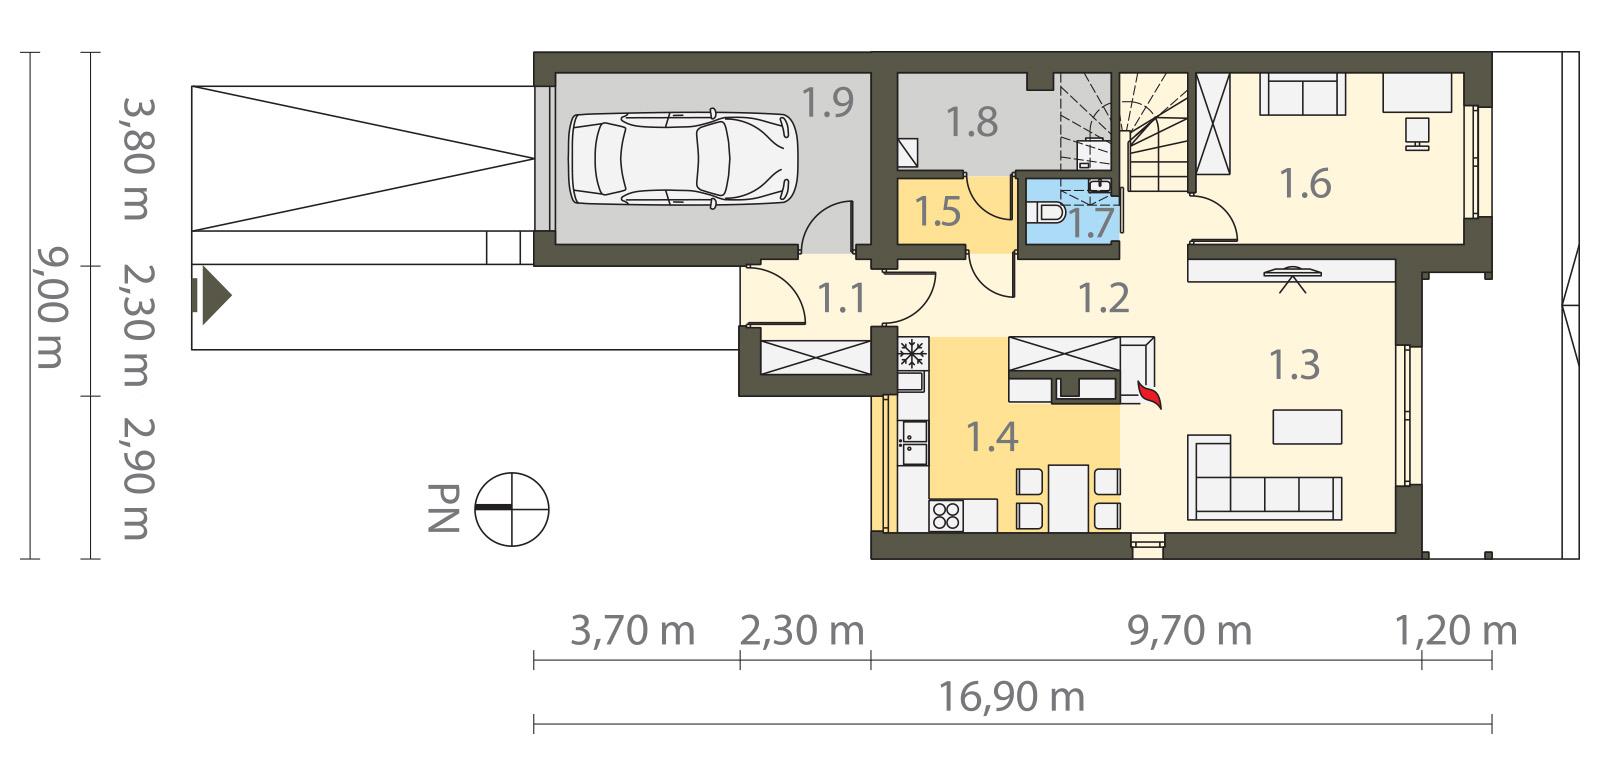 Projekt domu TWIN MODERN A Domy Czystej Energii rzut parteru